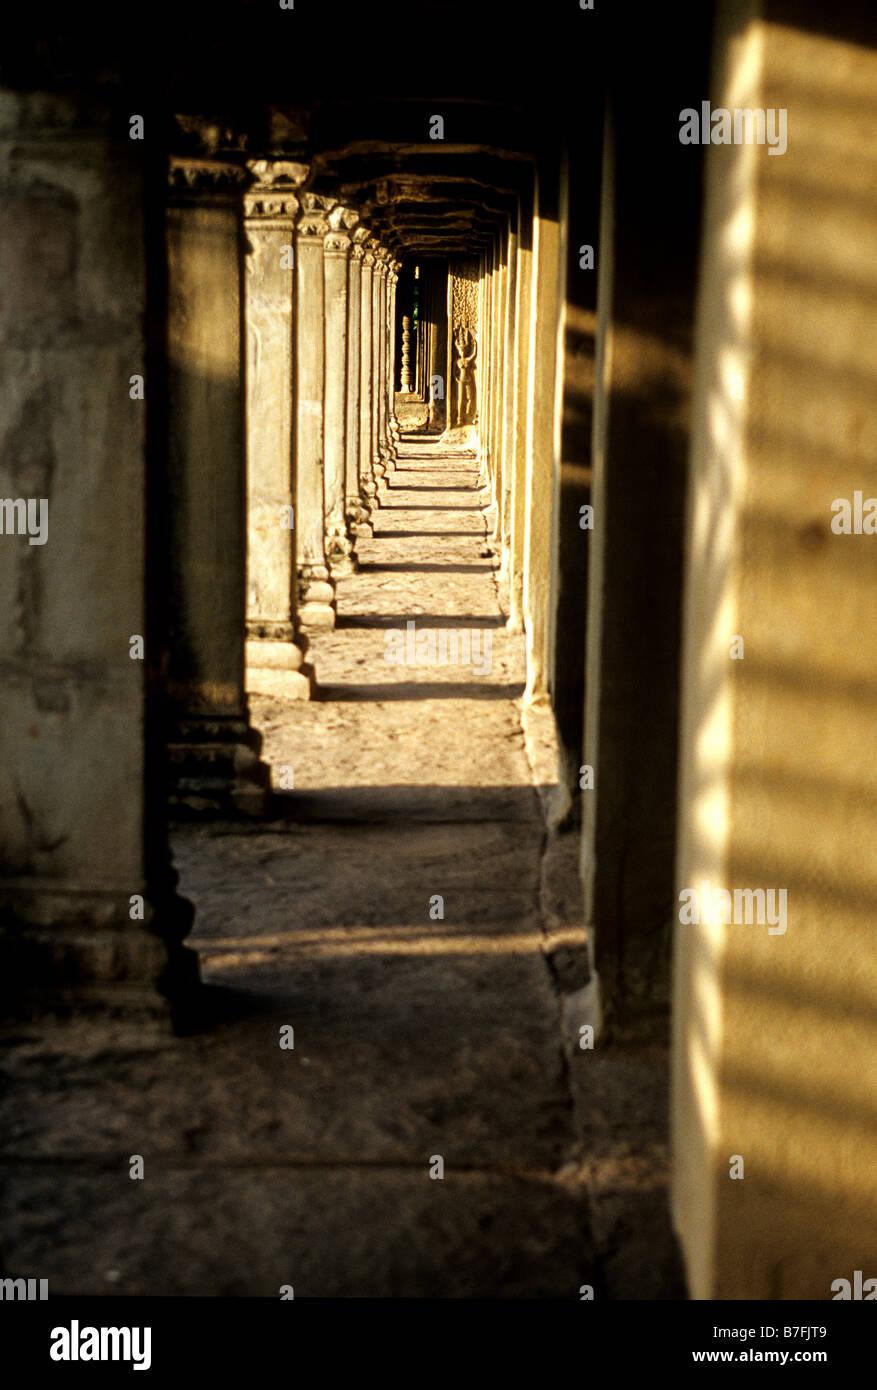 Ruinas del siglo xii templo Khmer de Angkor Wat- ruinas de Angkor Wat, cerca de Siem Reap, Camboya Imagen De Stock